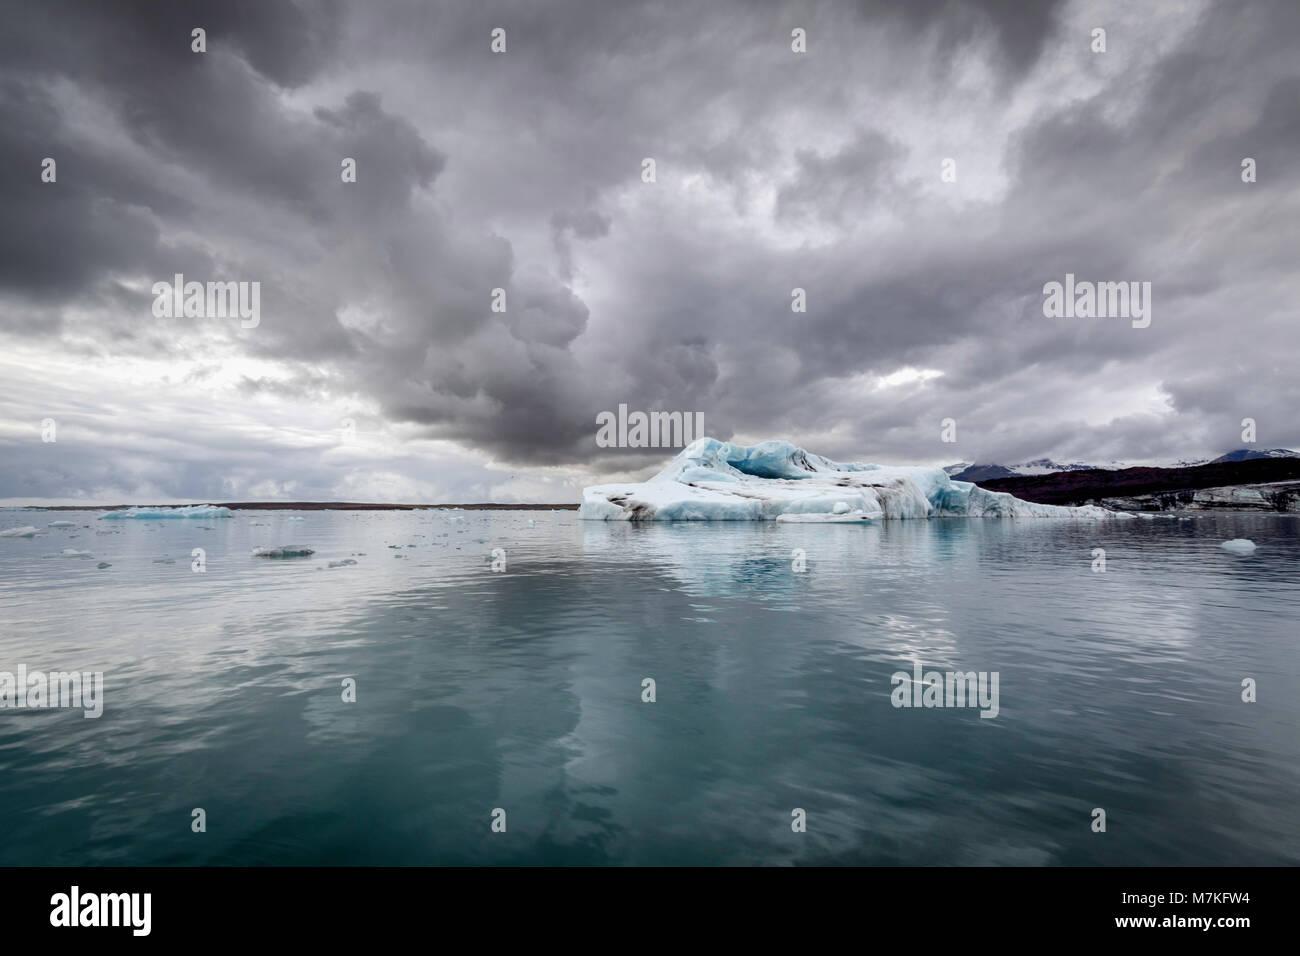 Nuages spectaculaires reflétées dans l'eau glacée de la glacier Vatnajokul prises à partir Photo Stock